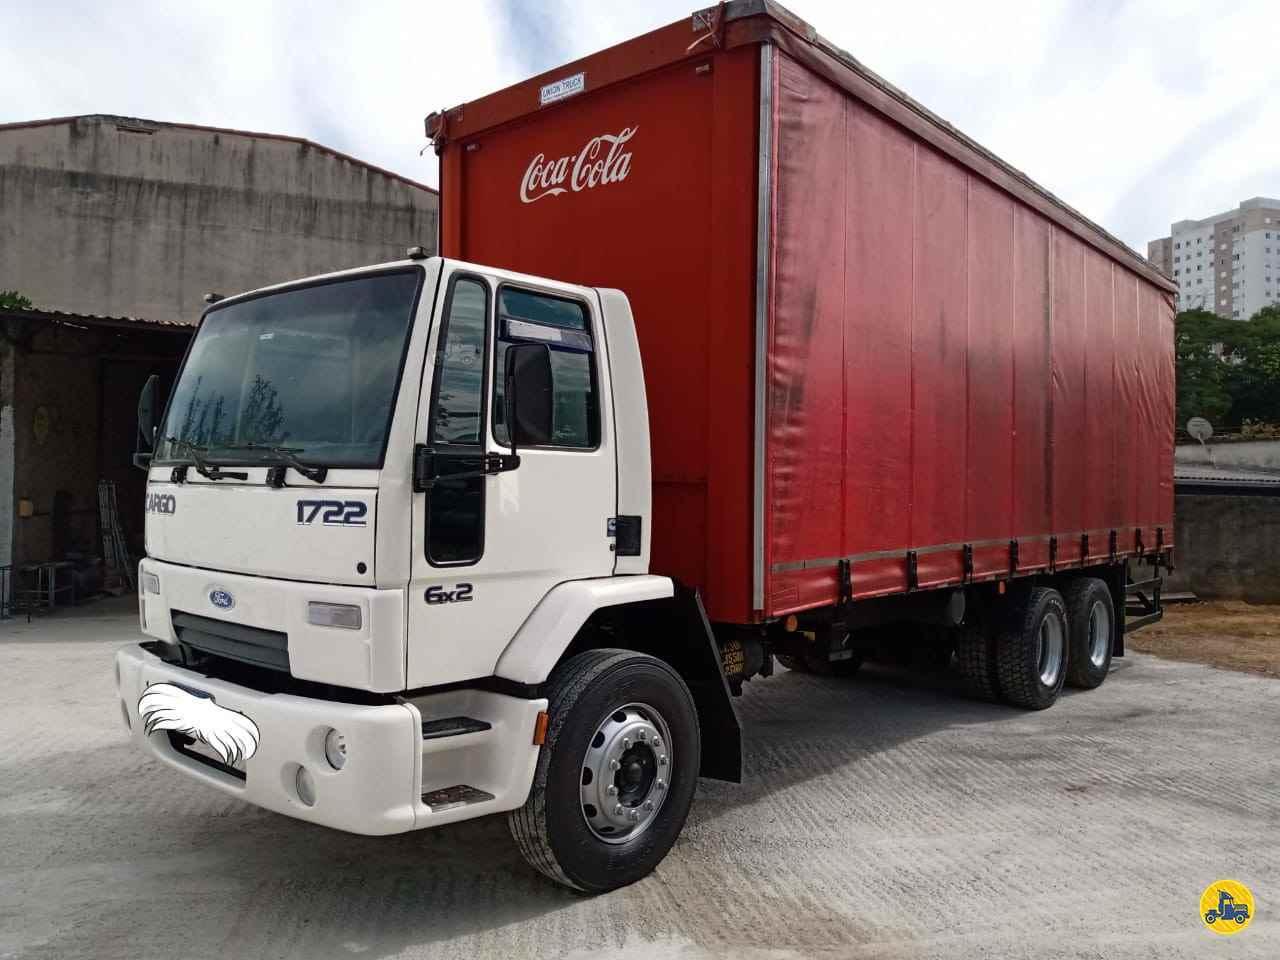 CAMINHAO FORD CARGO 1722 Chassis Truck 6x2 Maracavel Londrina Caminhões LONDRINA PARANÁ PR